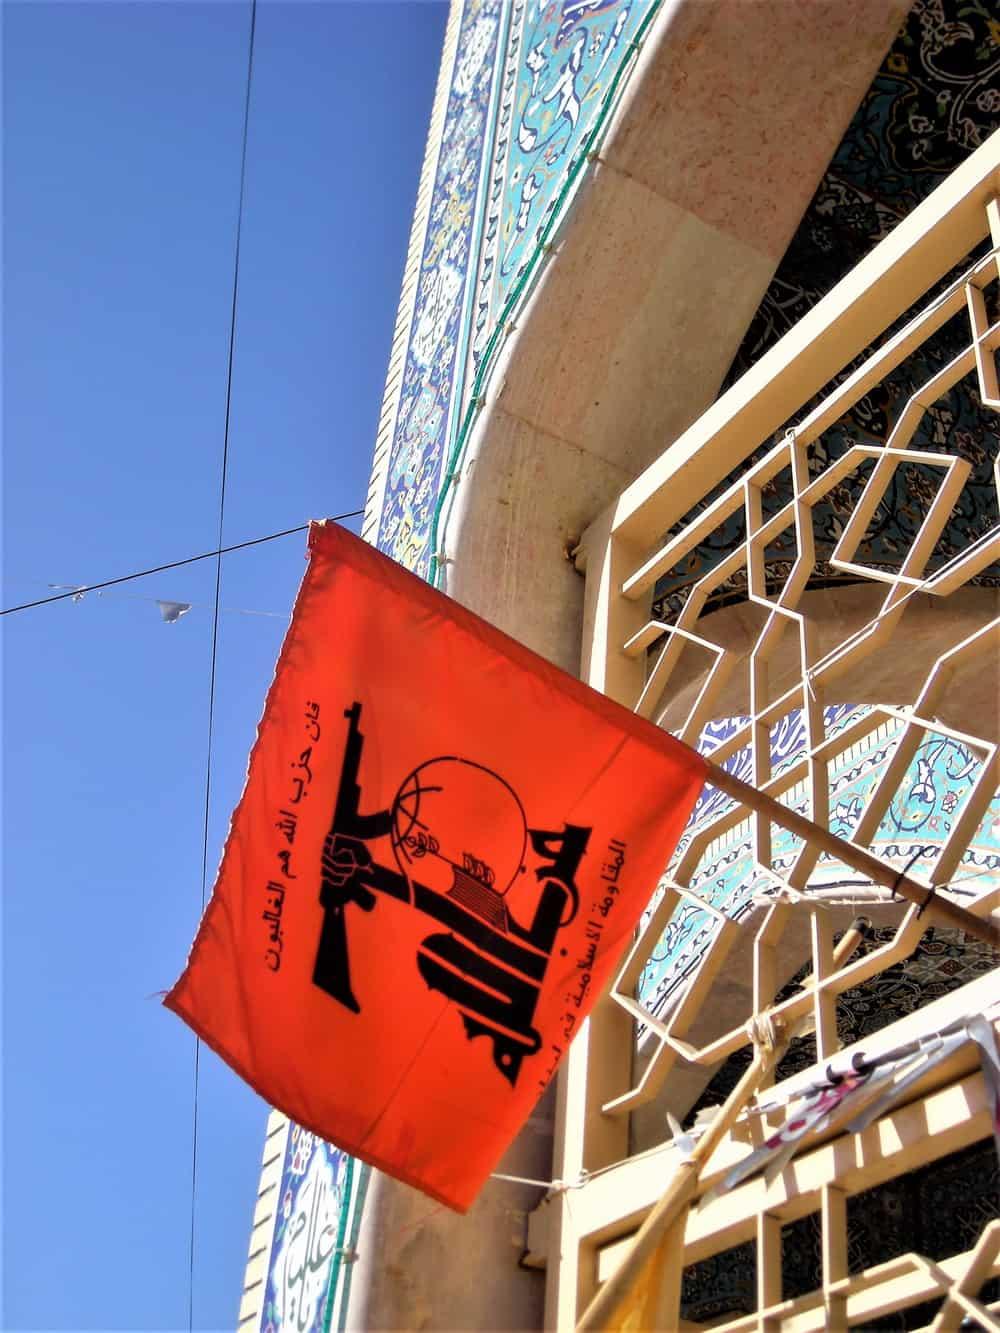 Odvajanje crkve i države? Zaboravi! Zastava Hezbolaha na šiitskoj džamiji u Balbeku.